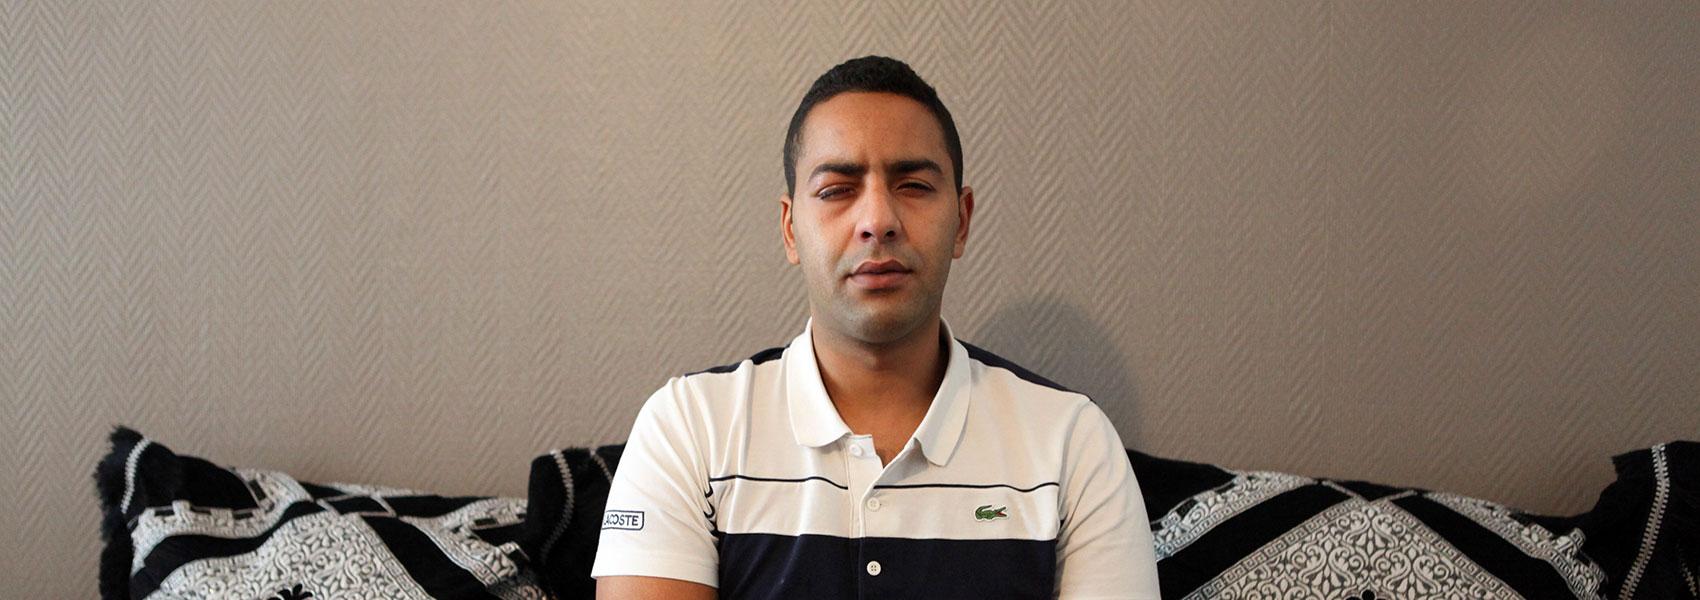 Passé à tabac par la police de Dreux, Hassan perd un œil